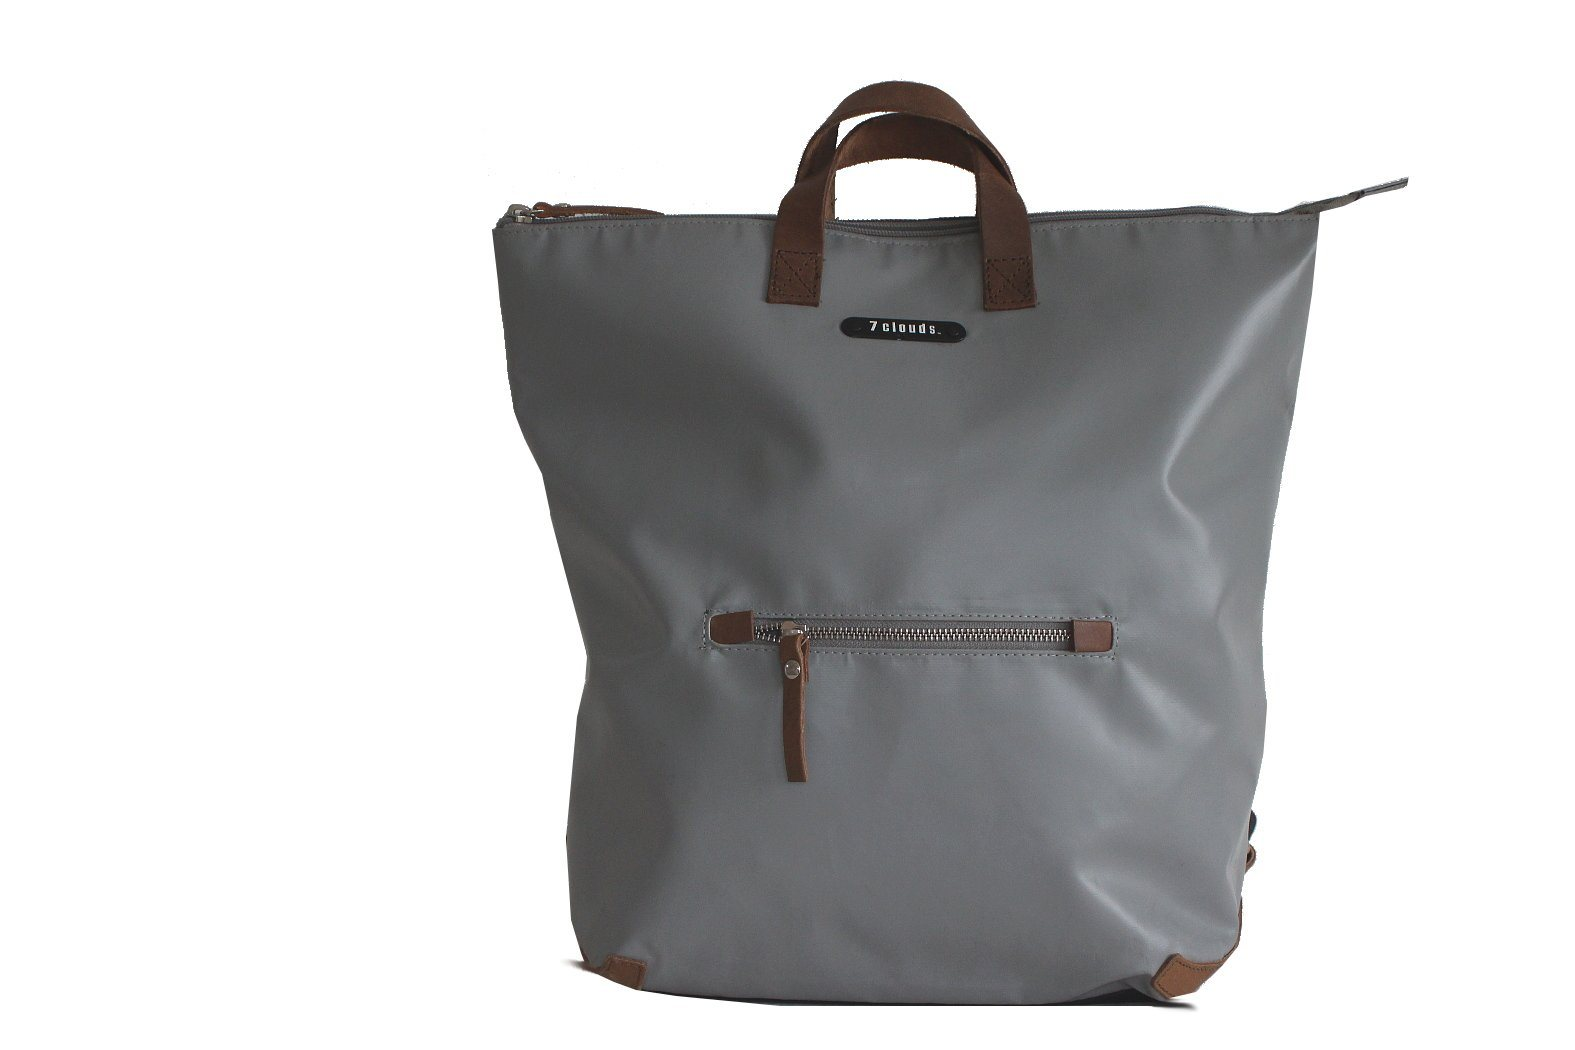 7clouds Cityrucksack »Shams 7.2«, in schlichtem Design   Taschen > Rucksäcke > Sonstige Rucksäcke   7clouds